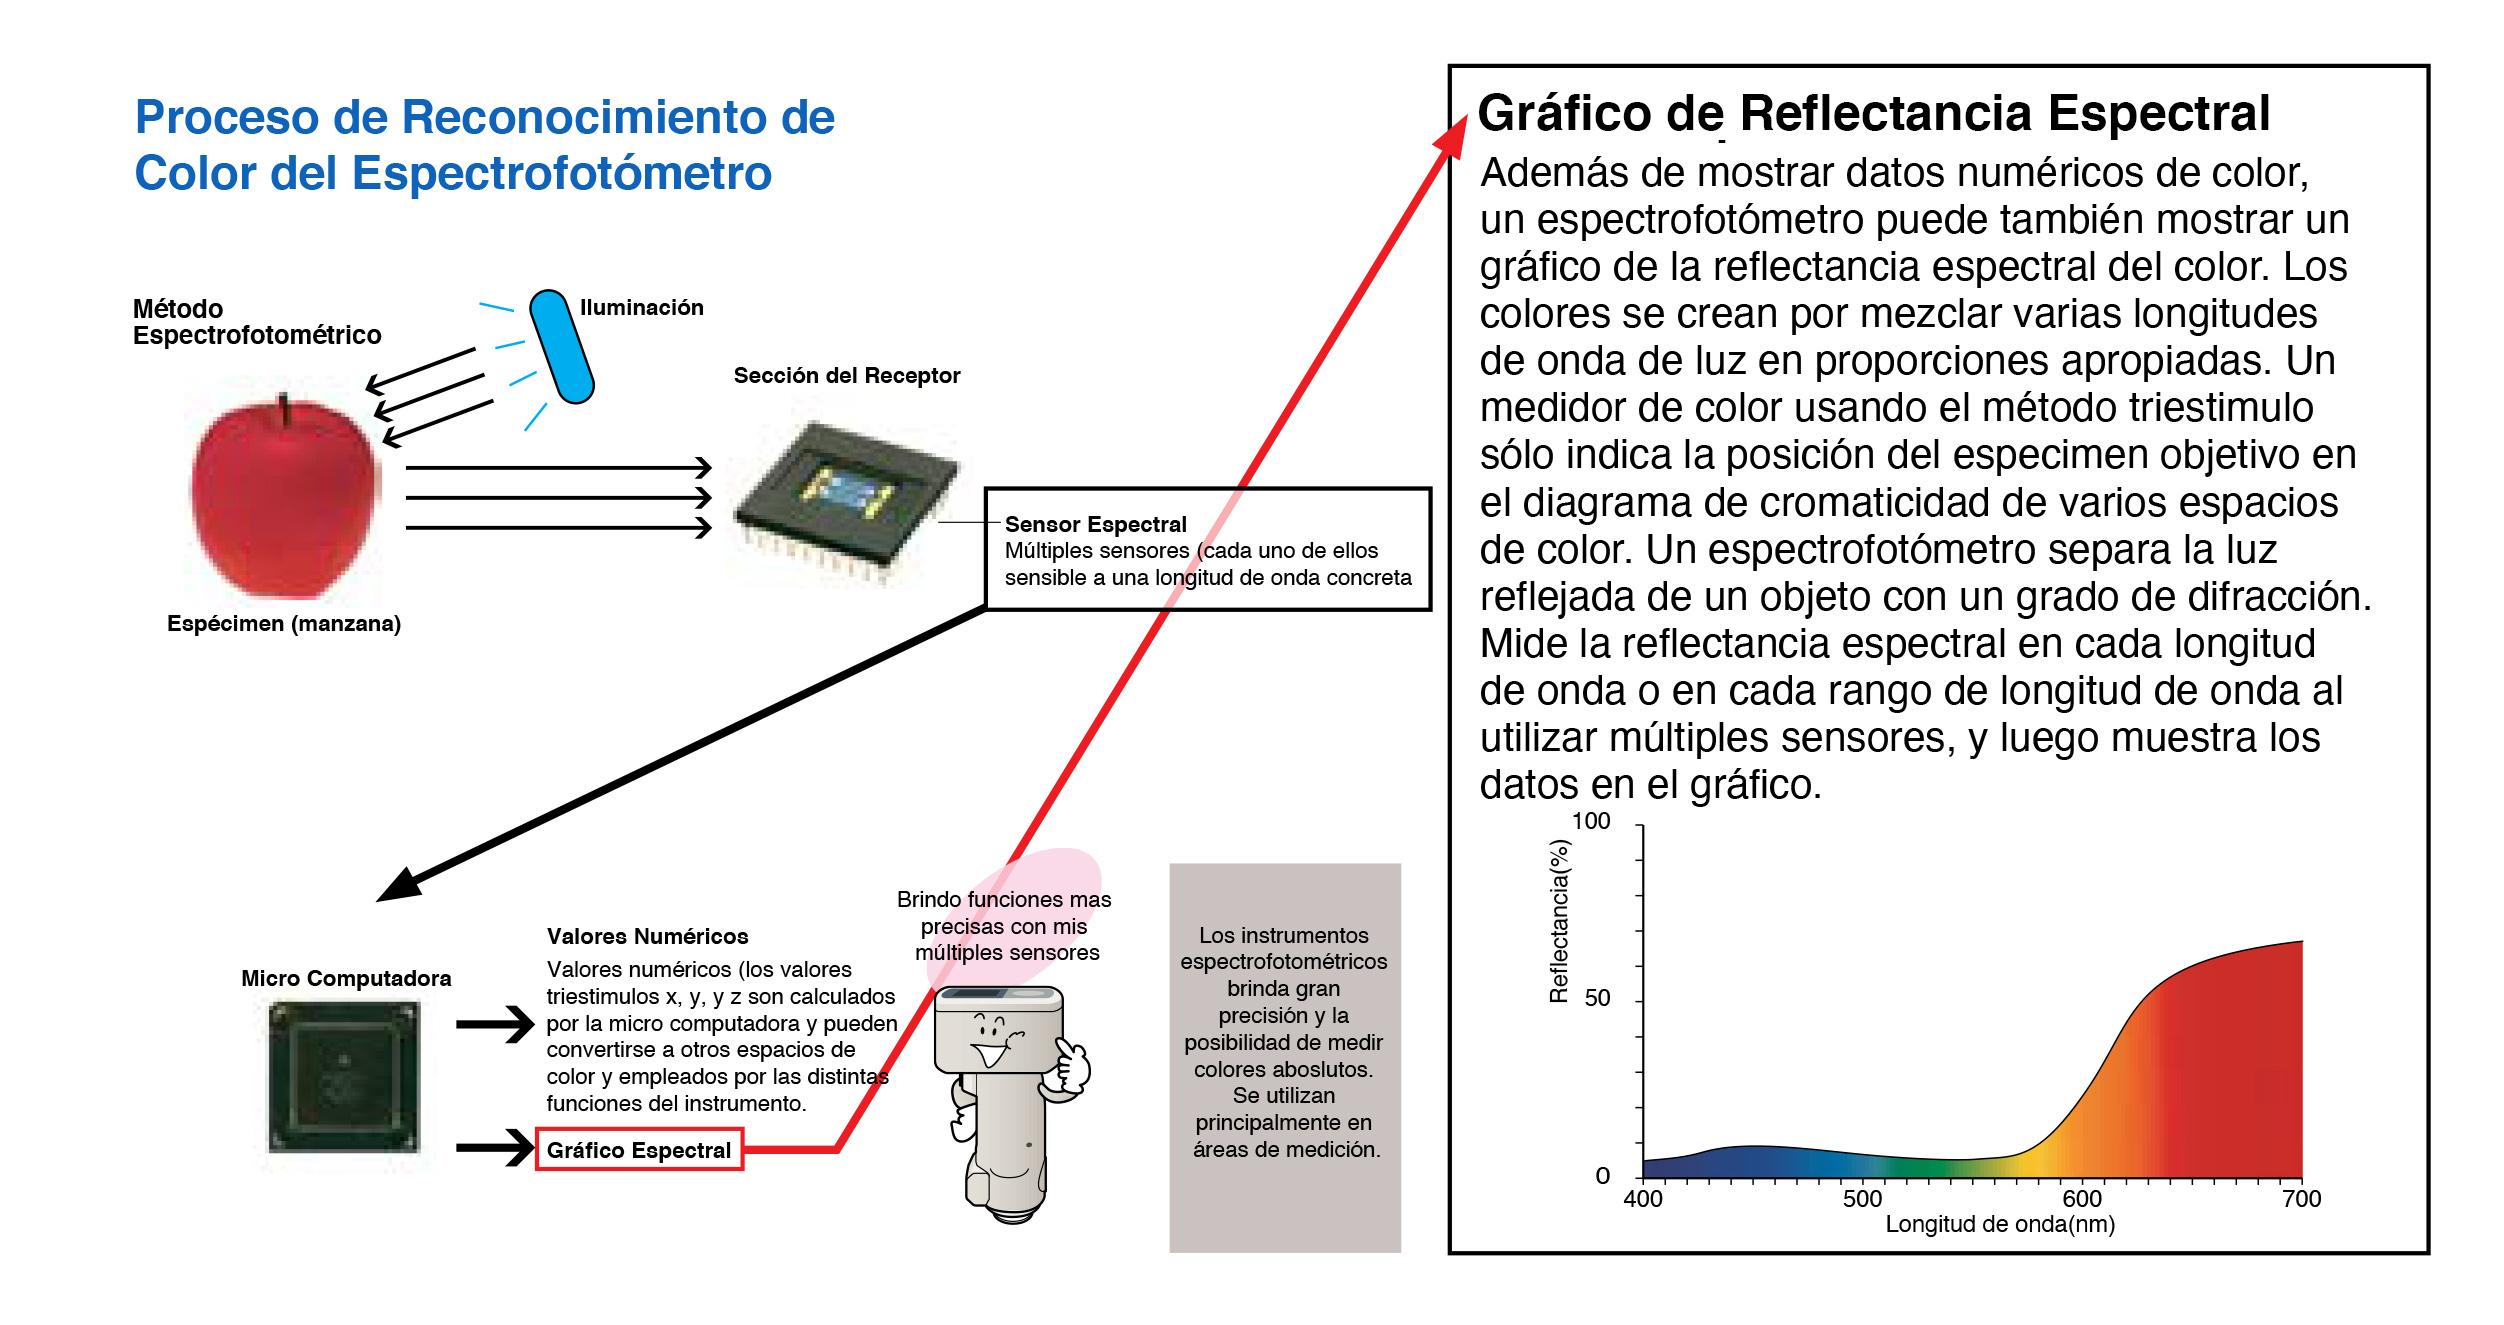 ¿Cómo funciona un espectrofotómetro?